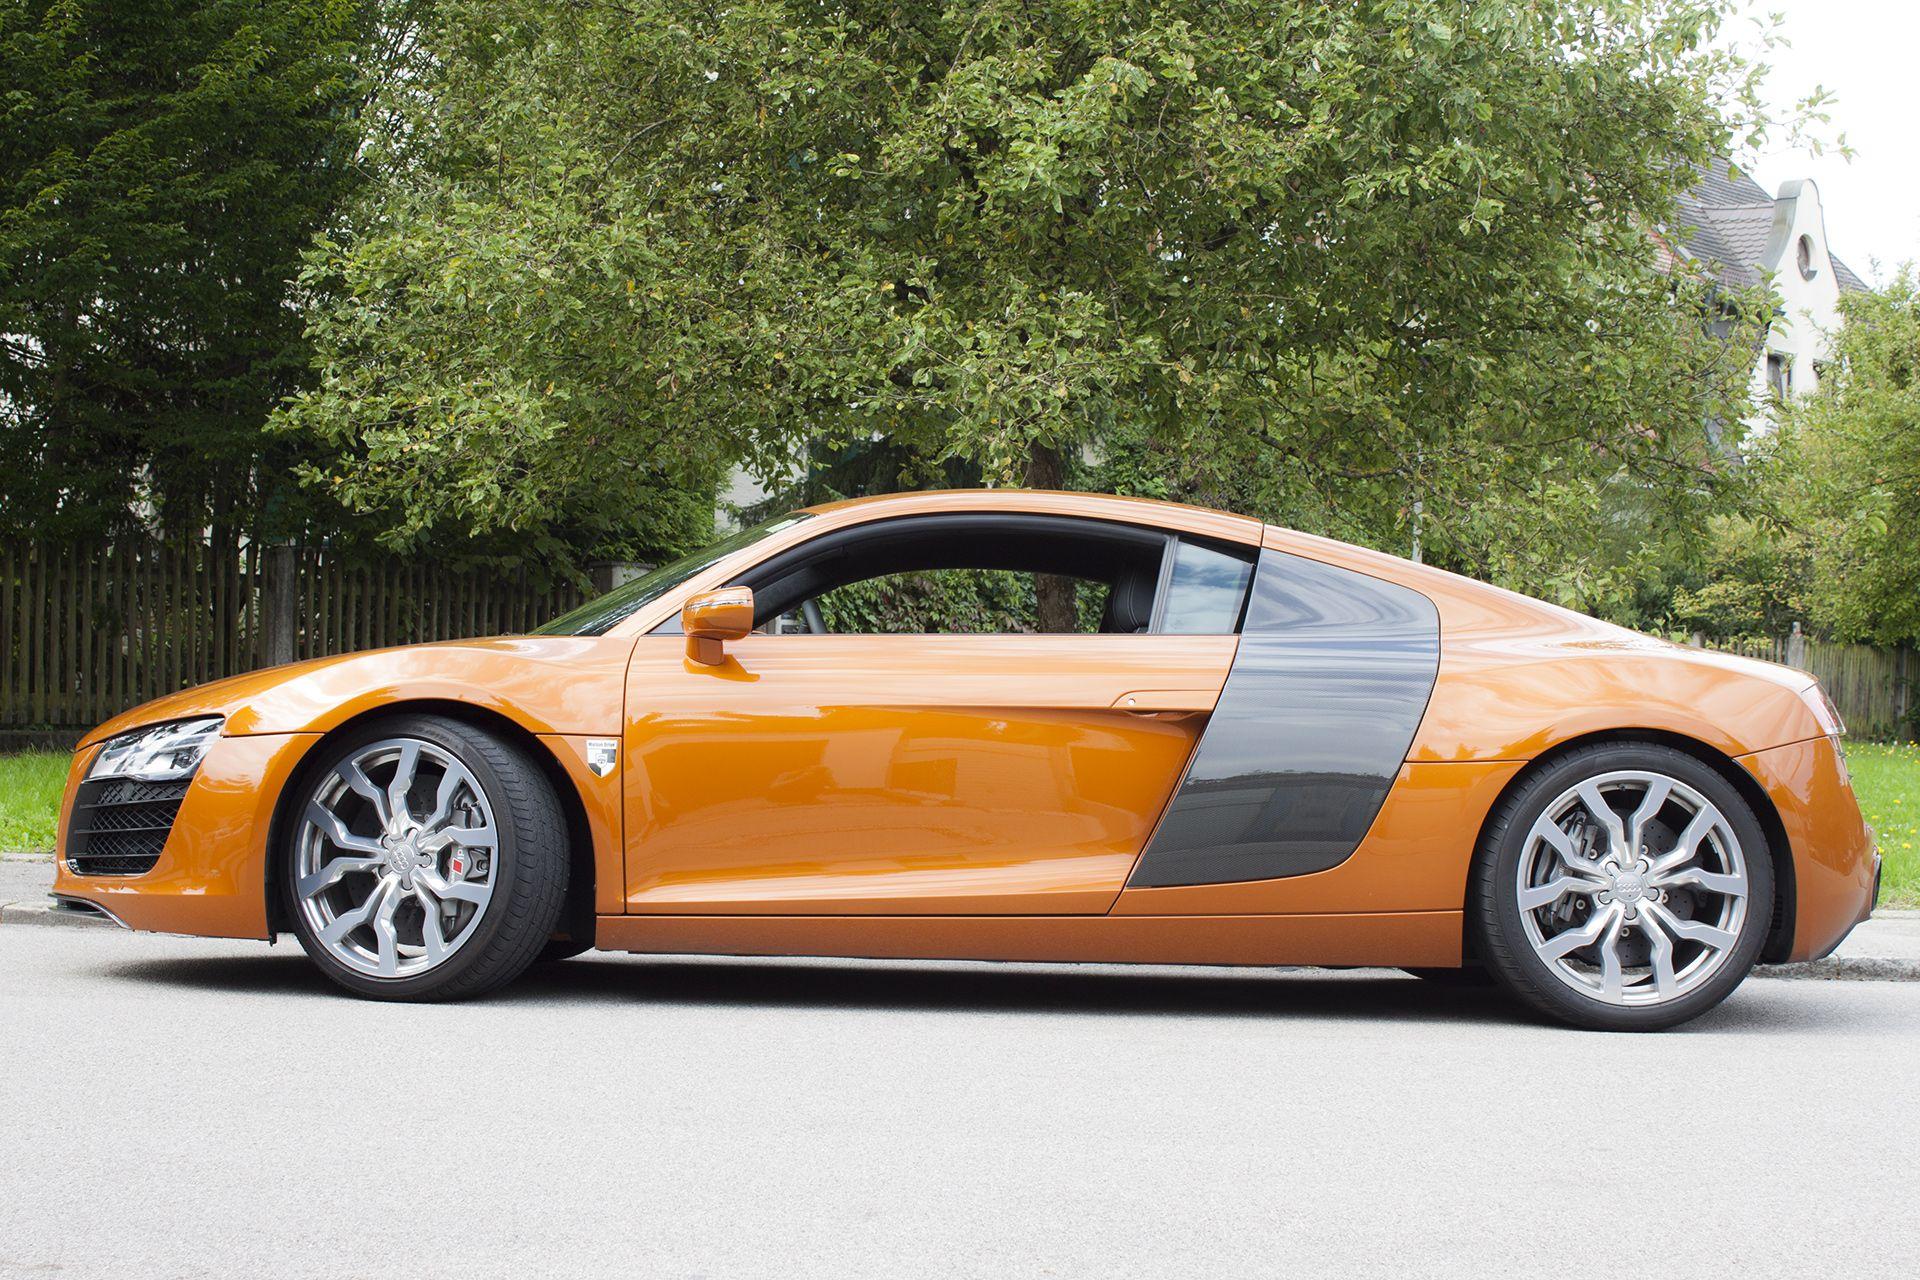 Audi R8 Selber Fahren In München Ab 250 Verschenken